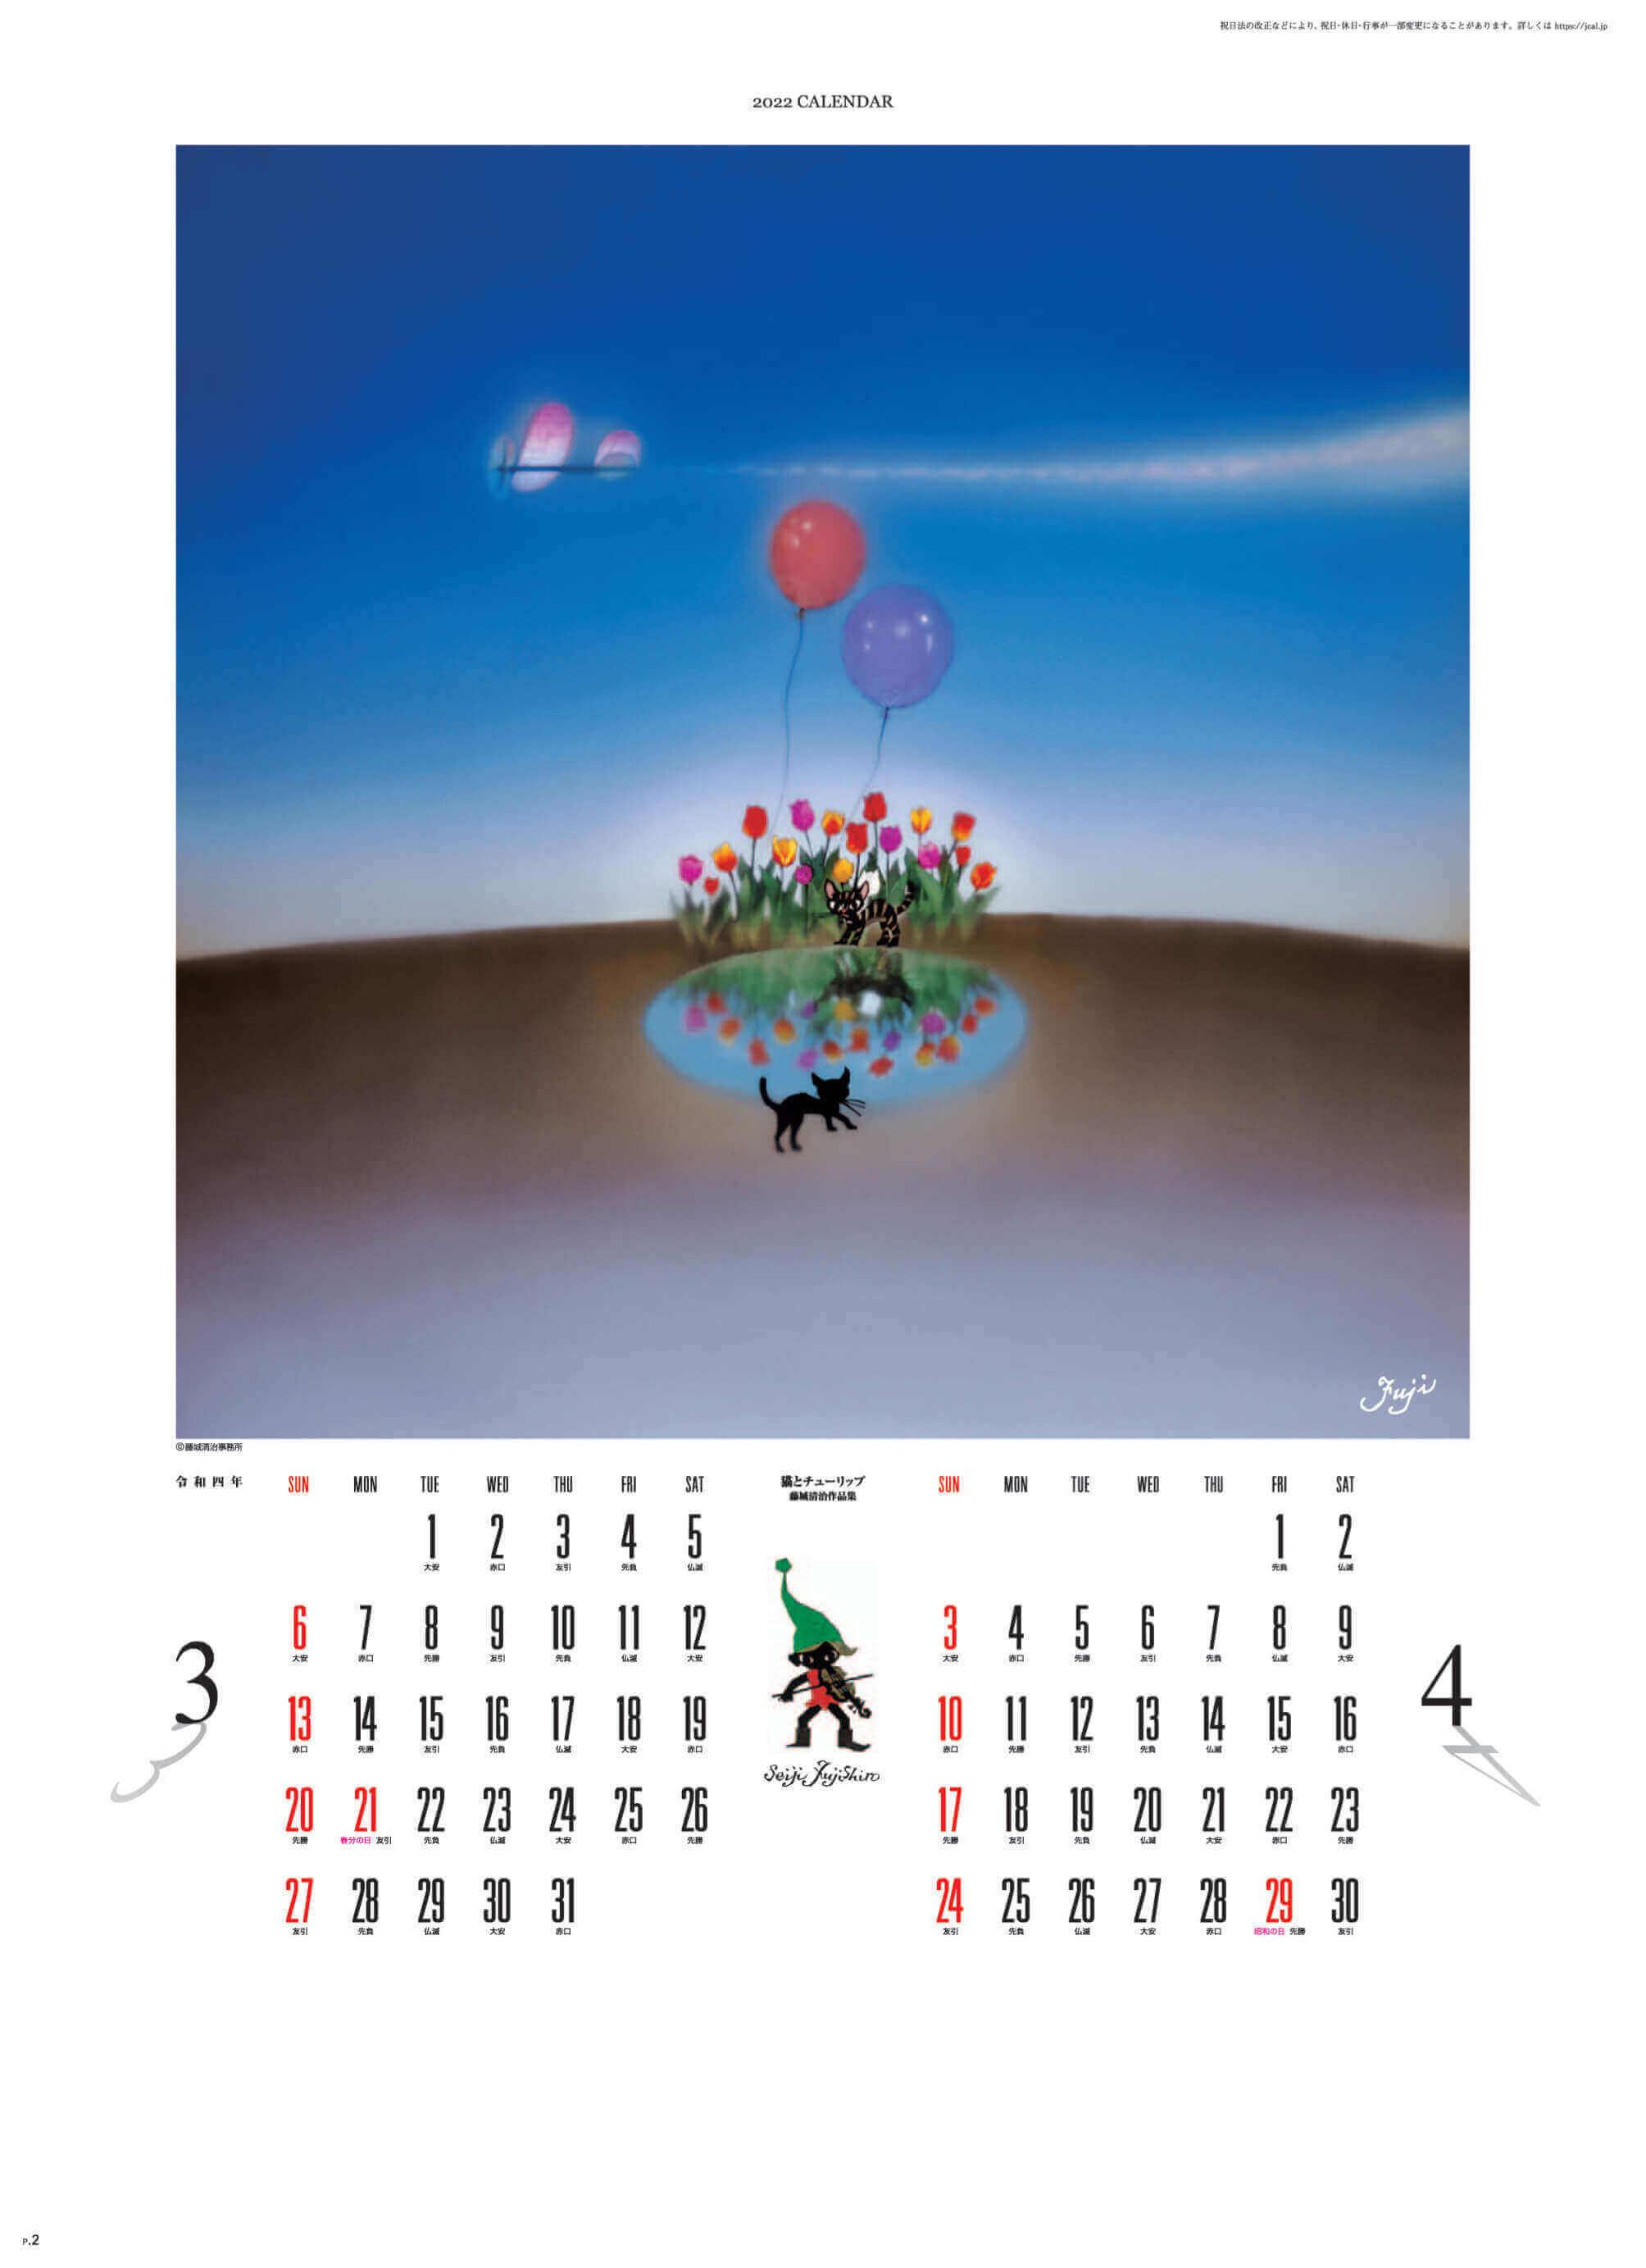 3-4月 猫とチューリップ 遠い日の風景から(影絵) 藤城清治 2022年カレンダーの画像